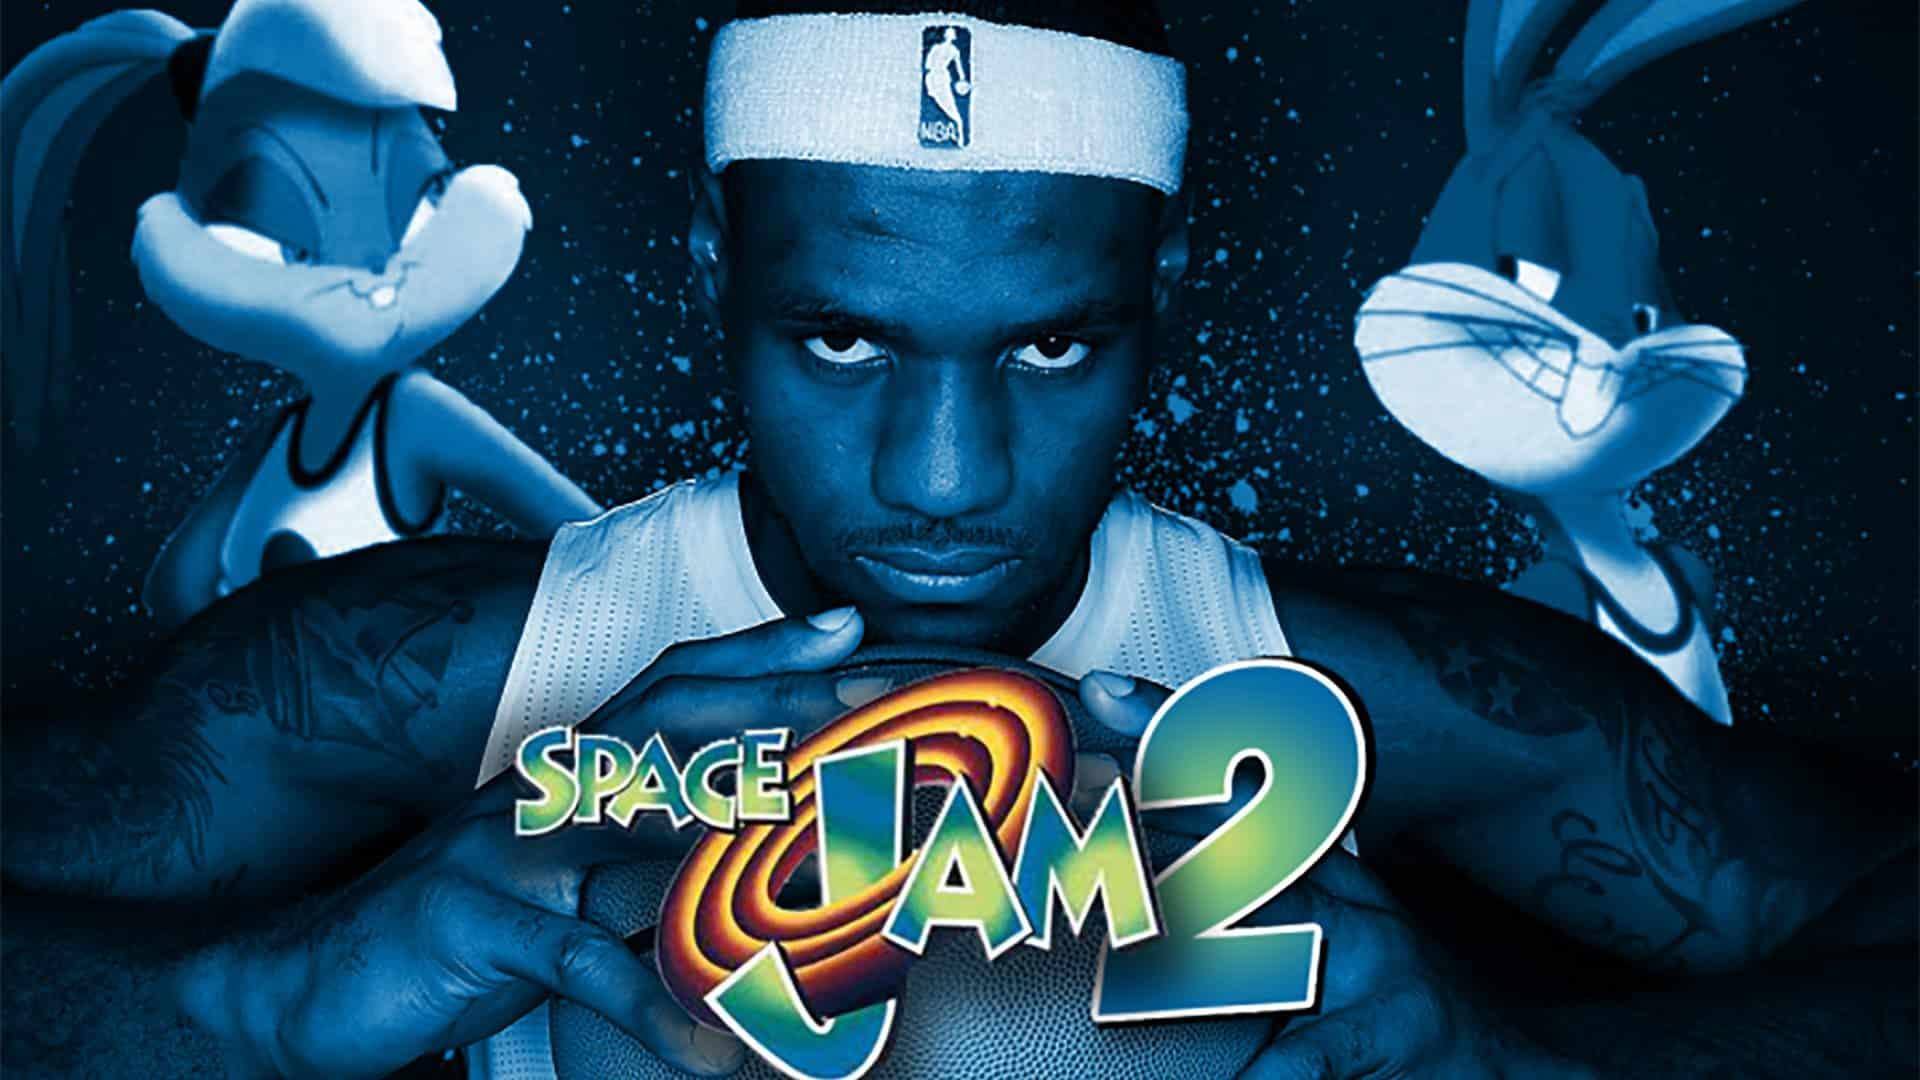 film Space Jam 2